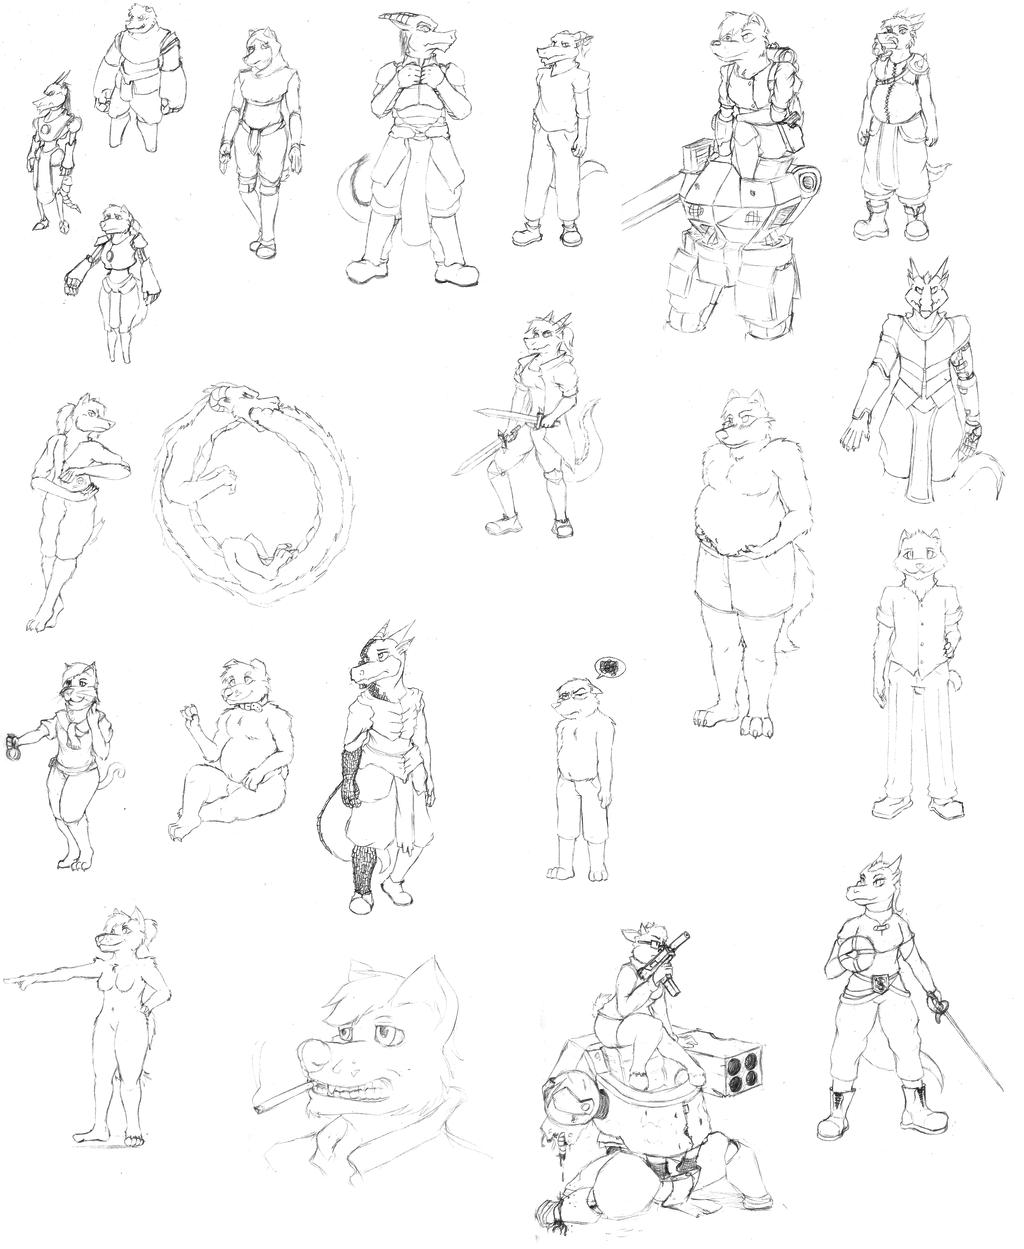 Big ol' Sketch page!